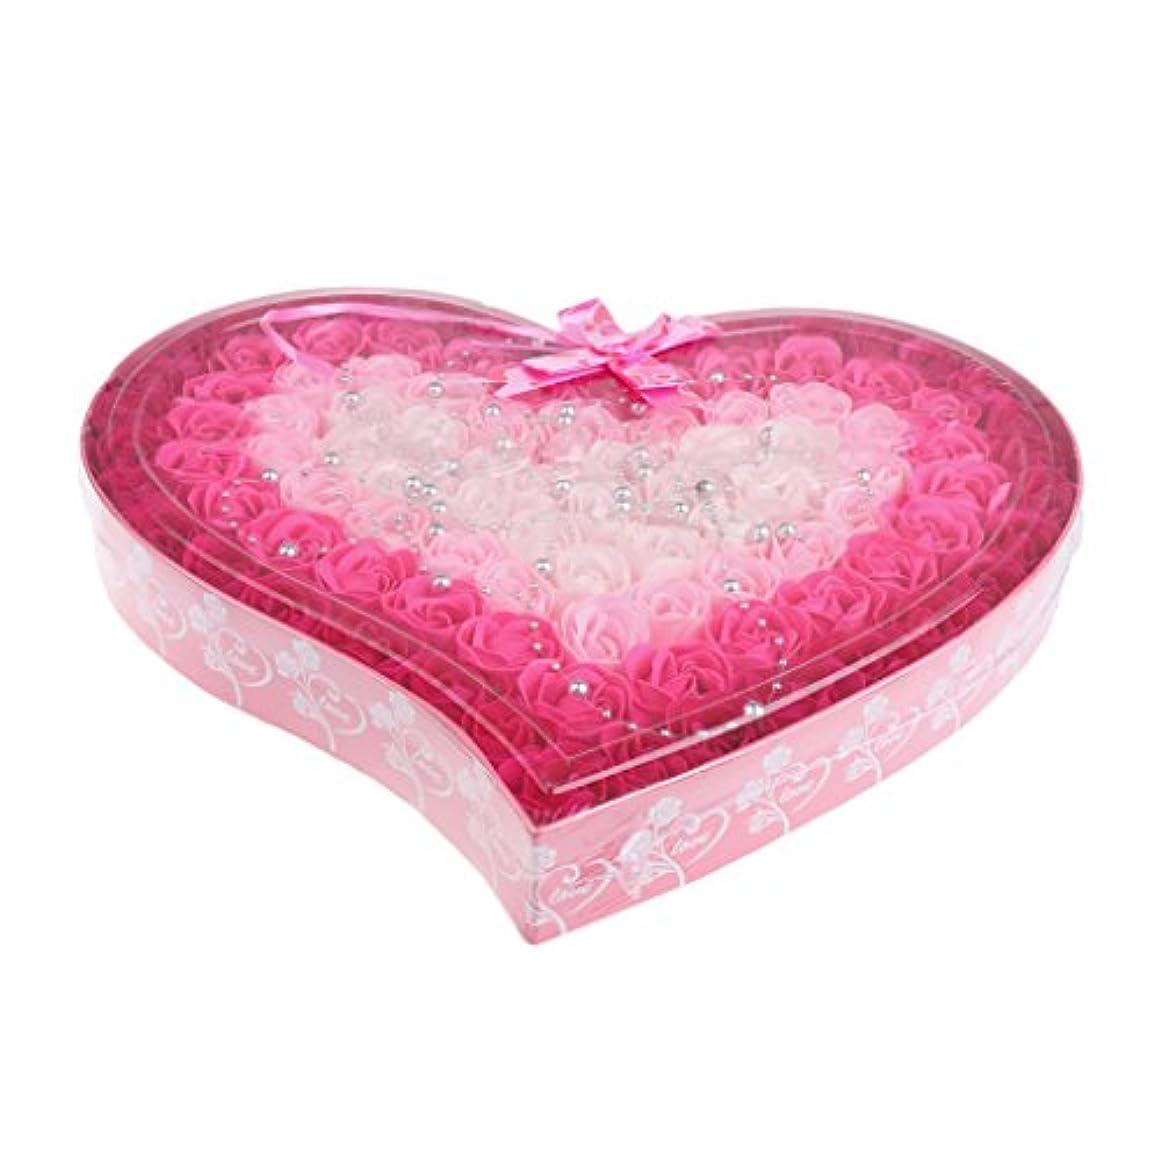 なめらか静脈迅速約100個 ソープフラワー 石鹸の花 母の日 心の形 ギフトボックス バレンタインデー ホワイトデー 母の日 結婚記念日 プレゼント 4色選択可 - ピンク